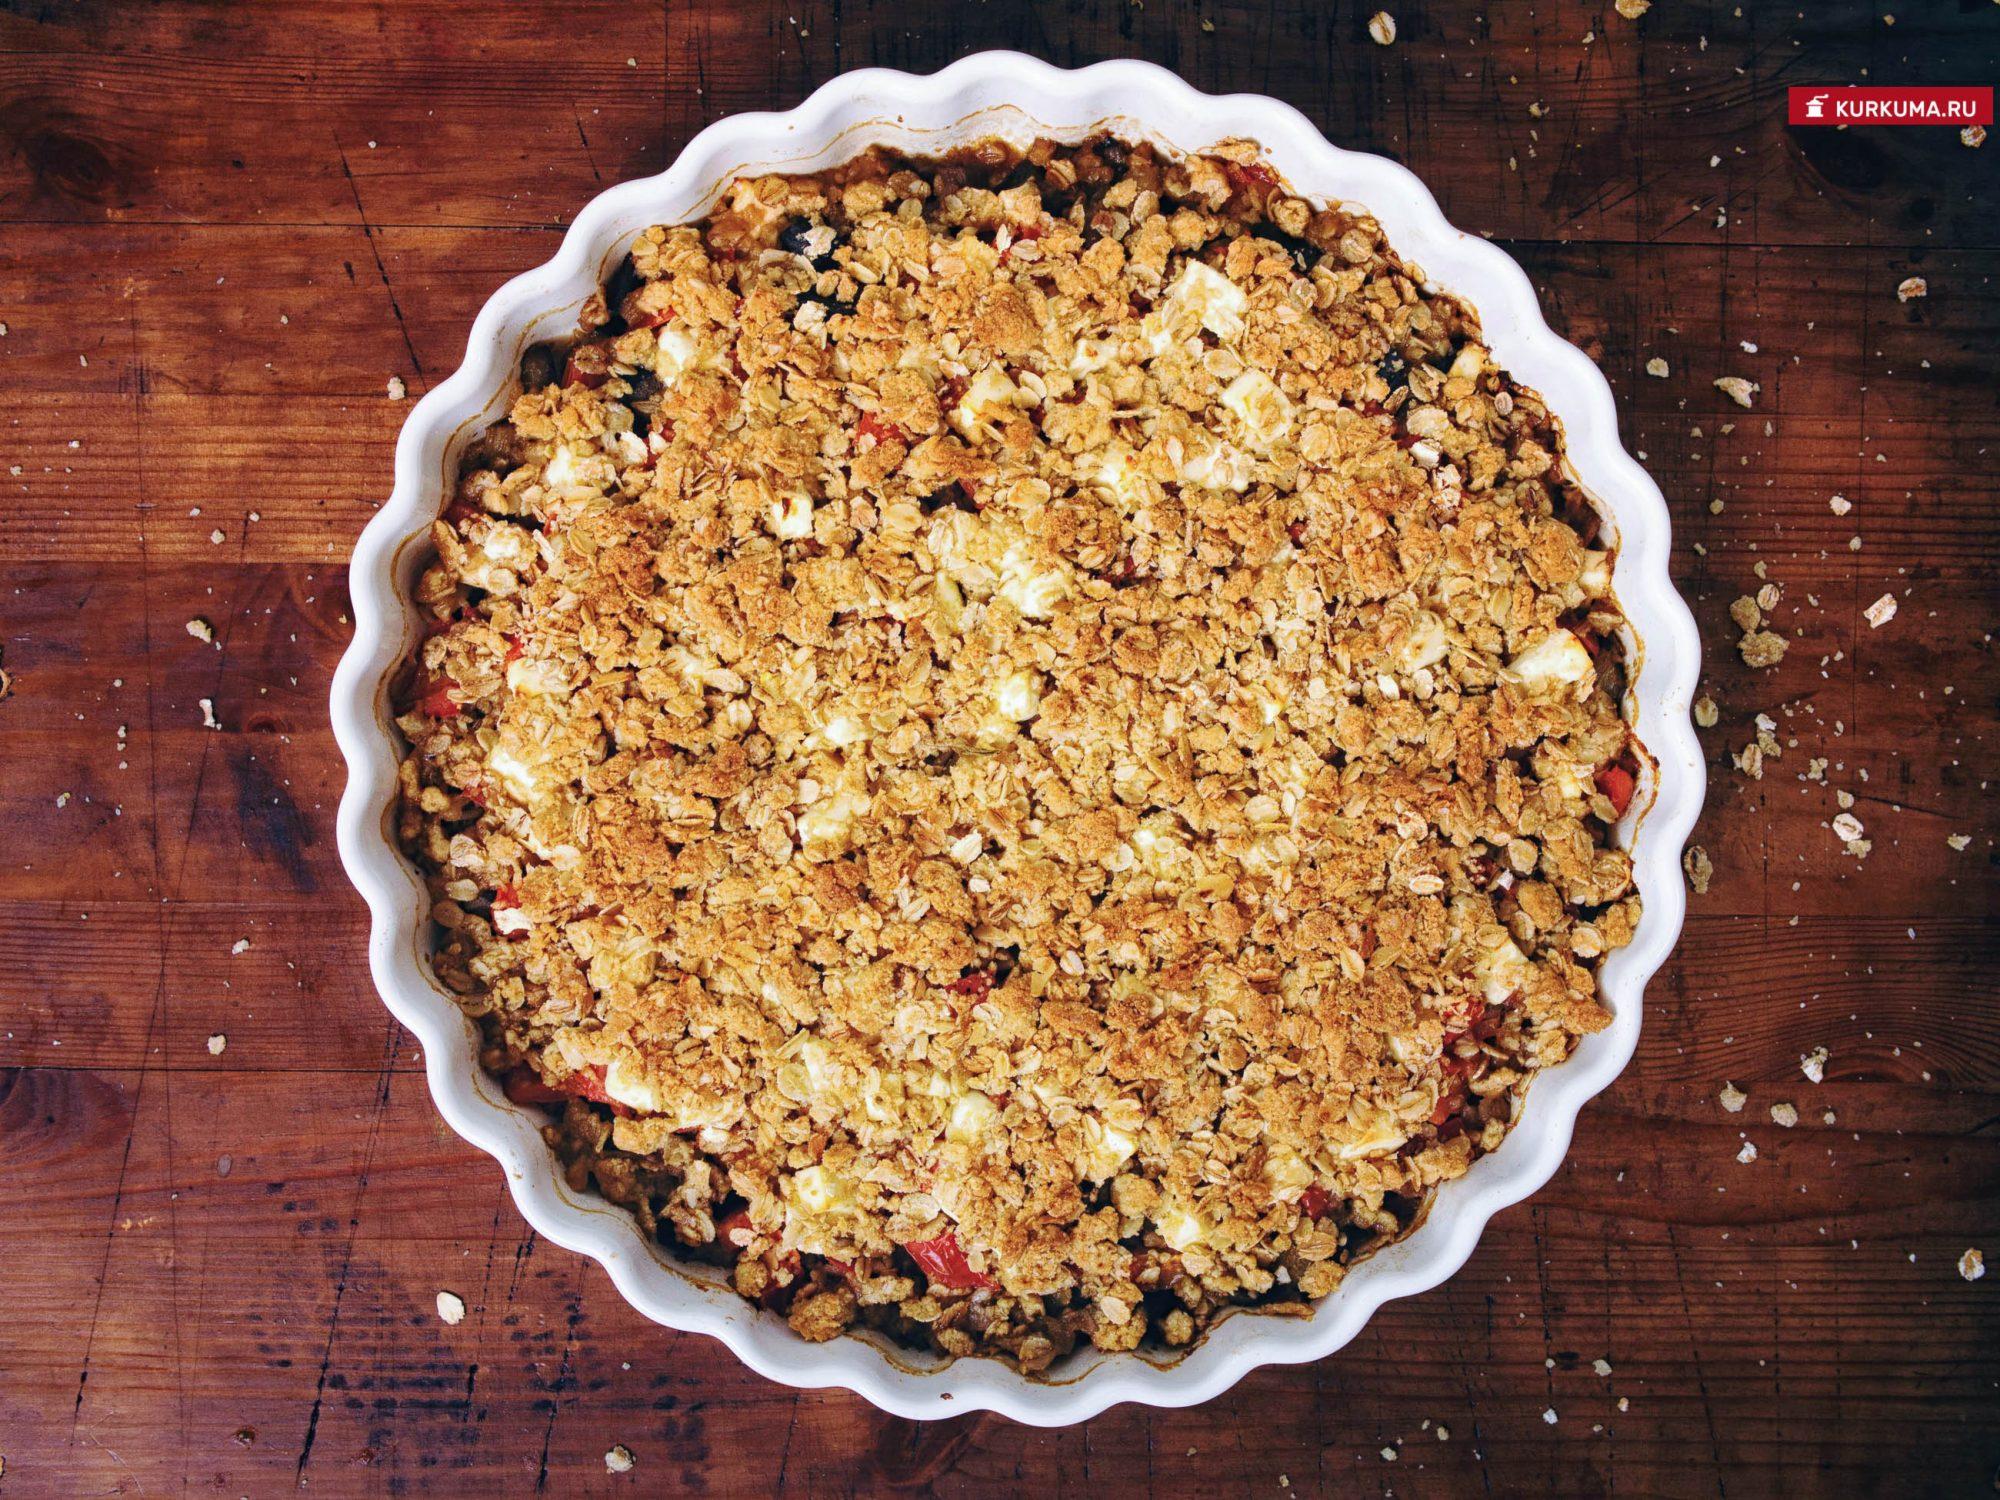 Крамбл с баклажанами и помидорами - рецепт